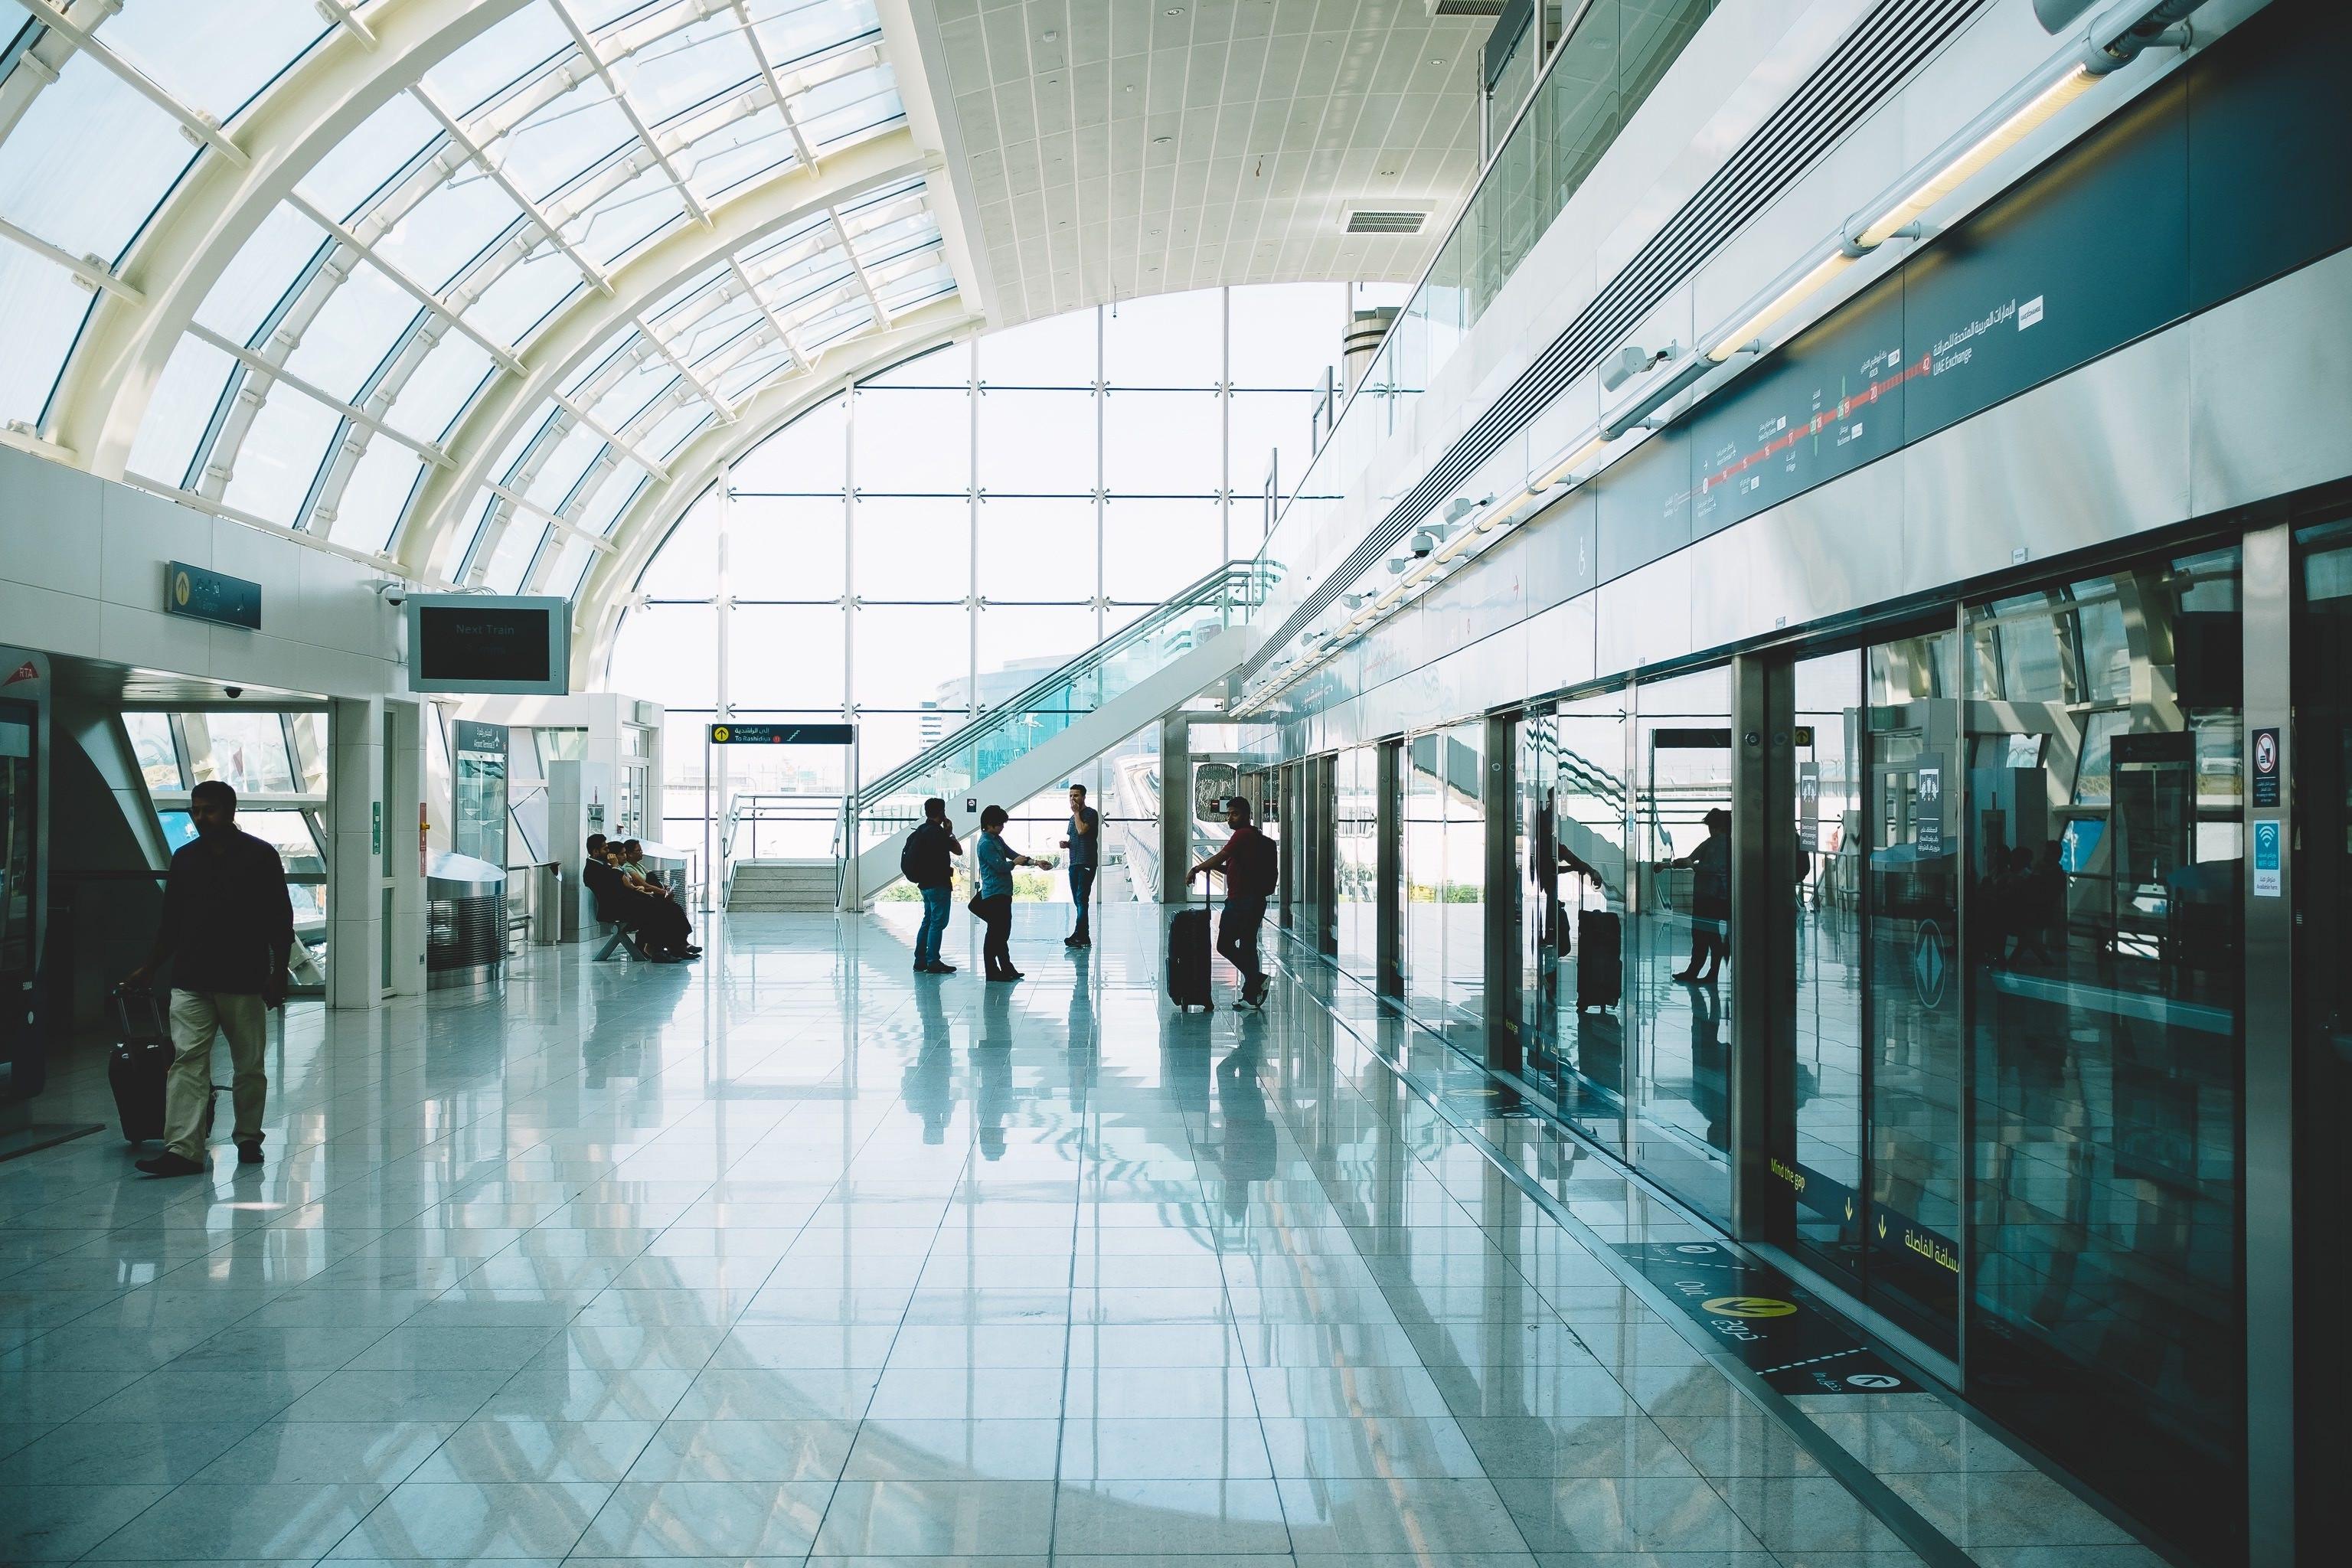 Com ágio de quase 1.000%, leilão de aeroportos arrecada R$ 2,4 bi